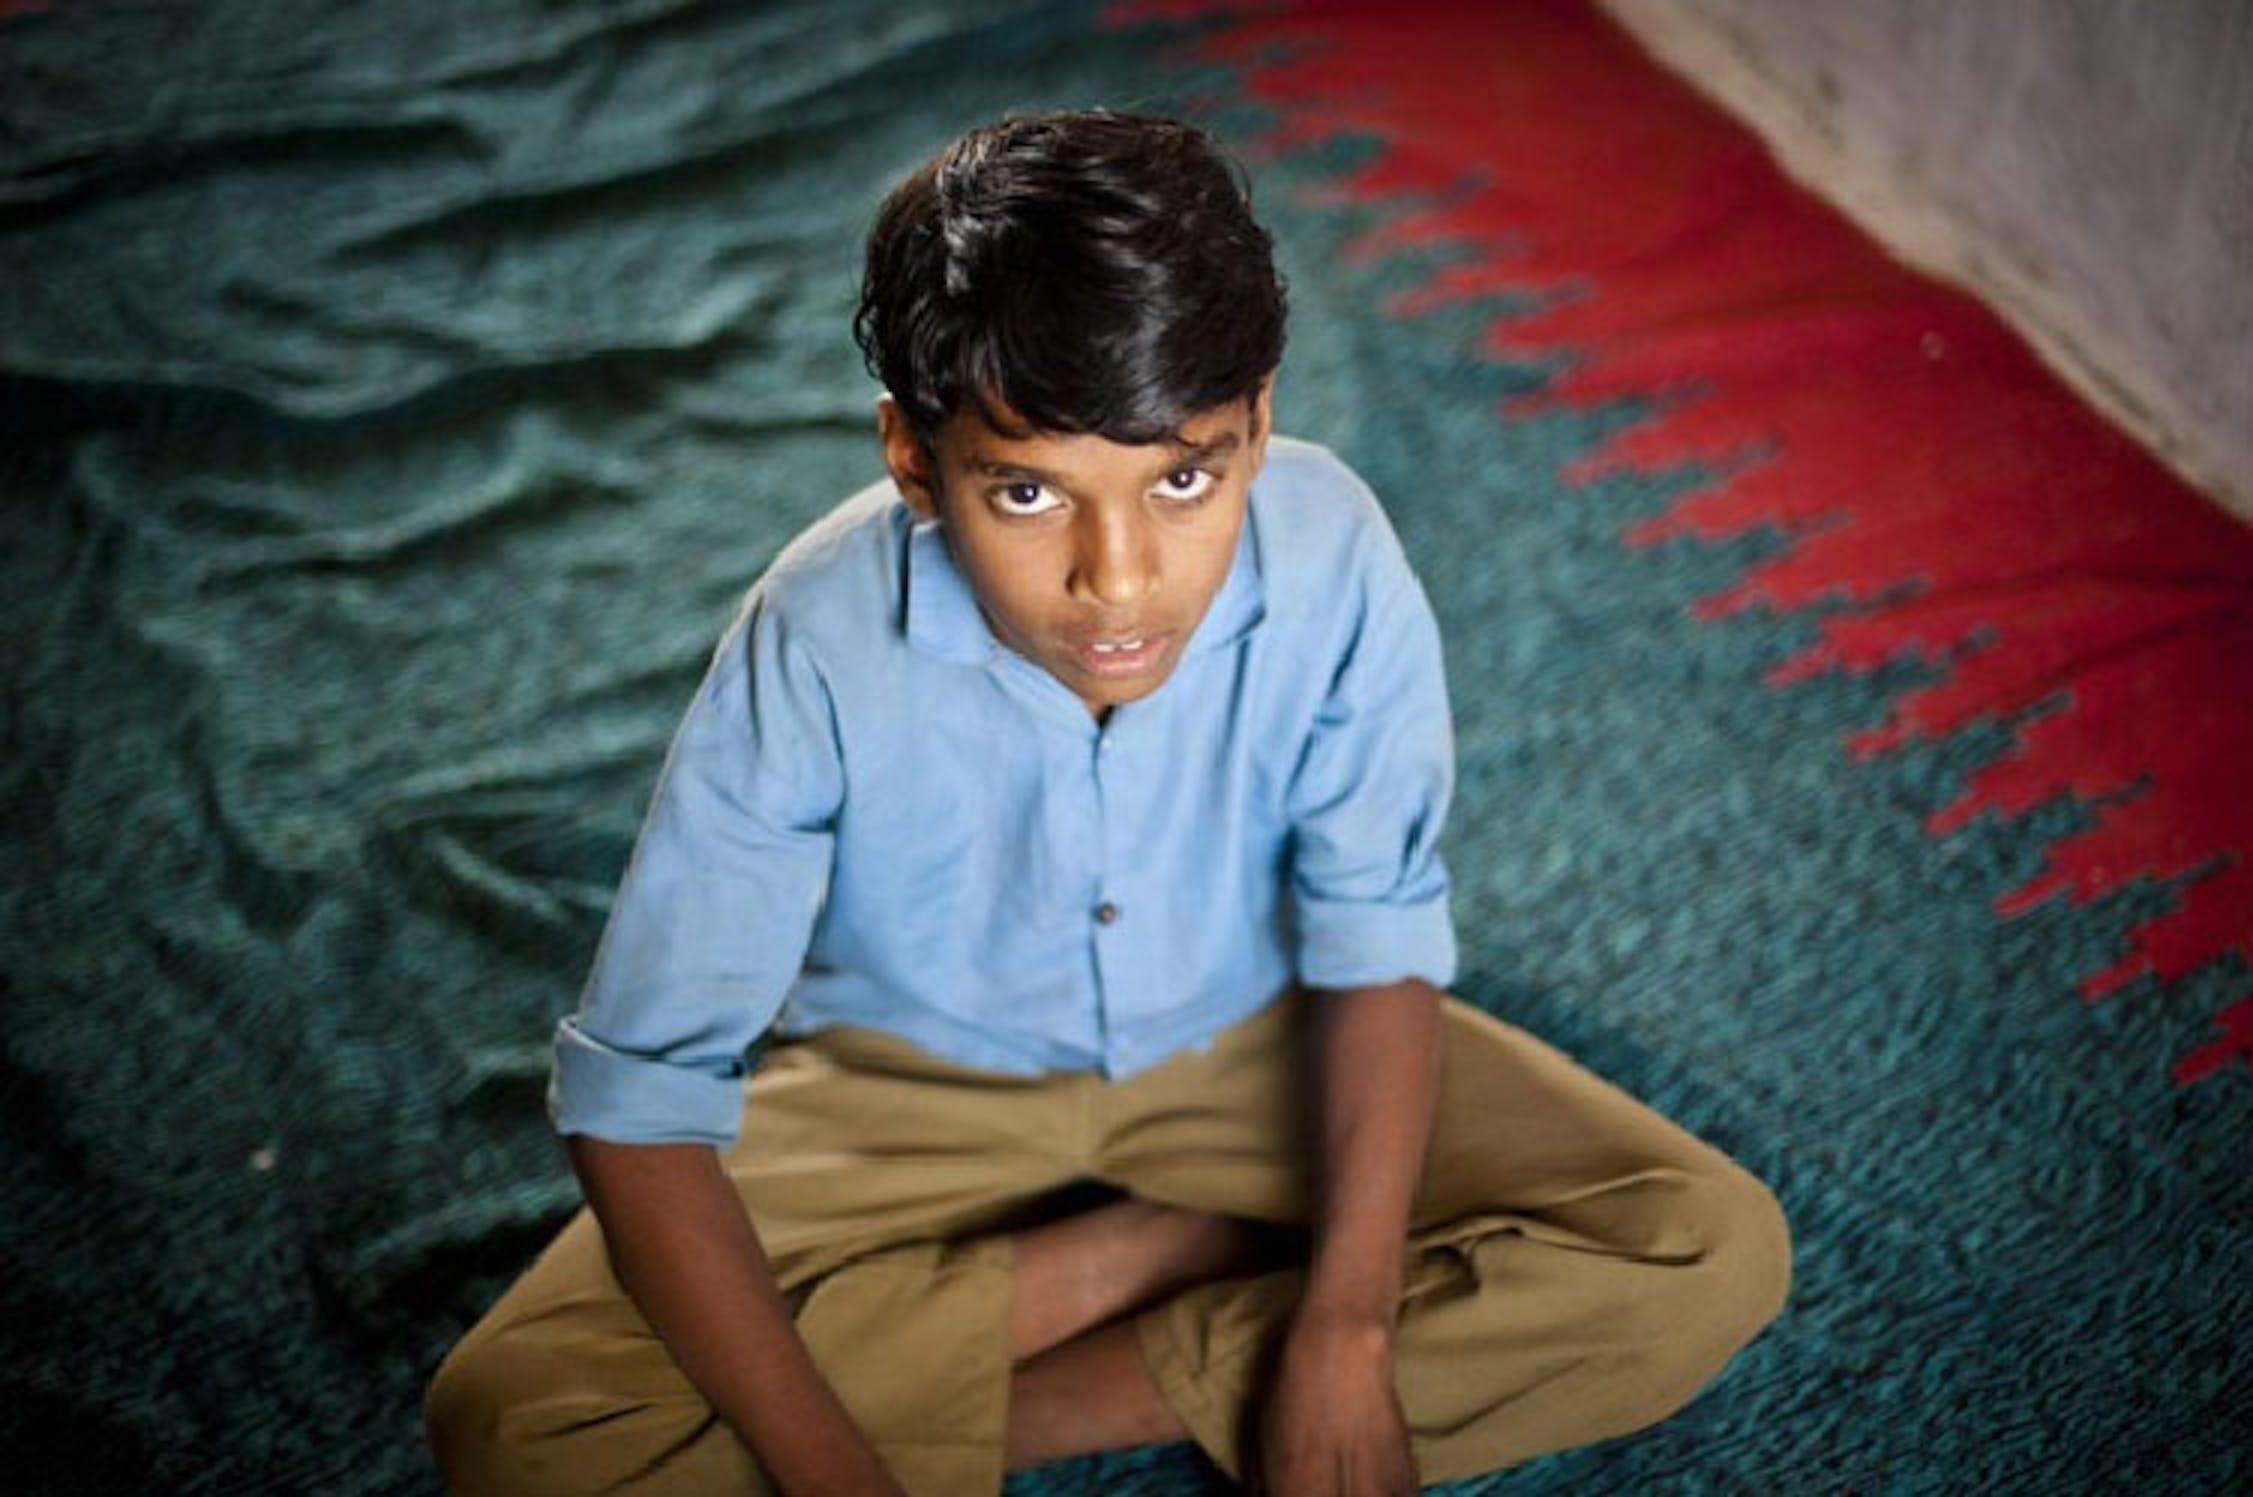 Mukesh, il bambino protagonista di questa storia - ©UNICEF India/2011/N.Hallen